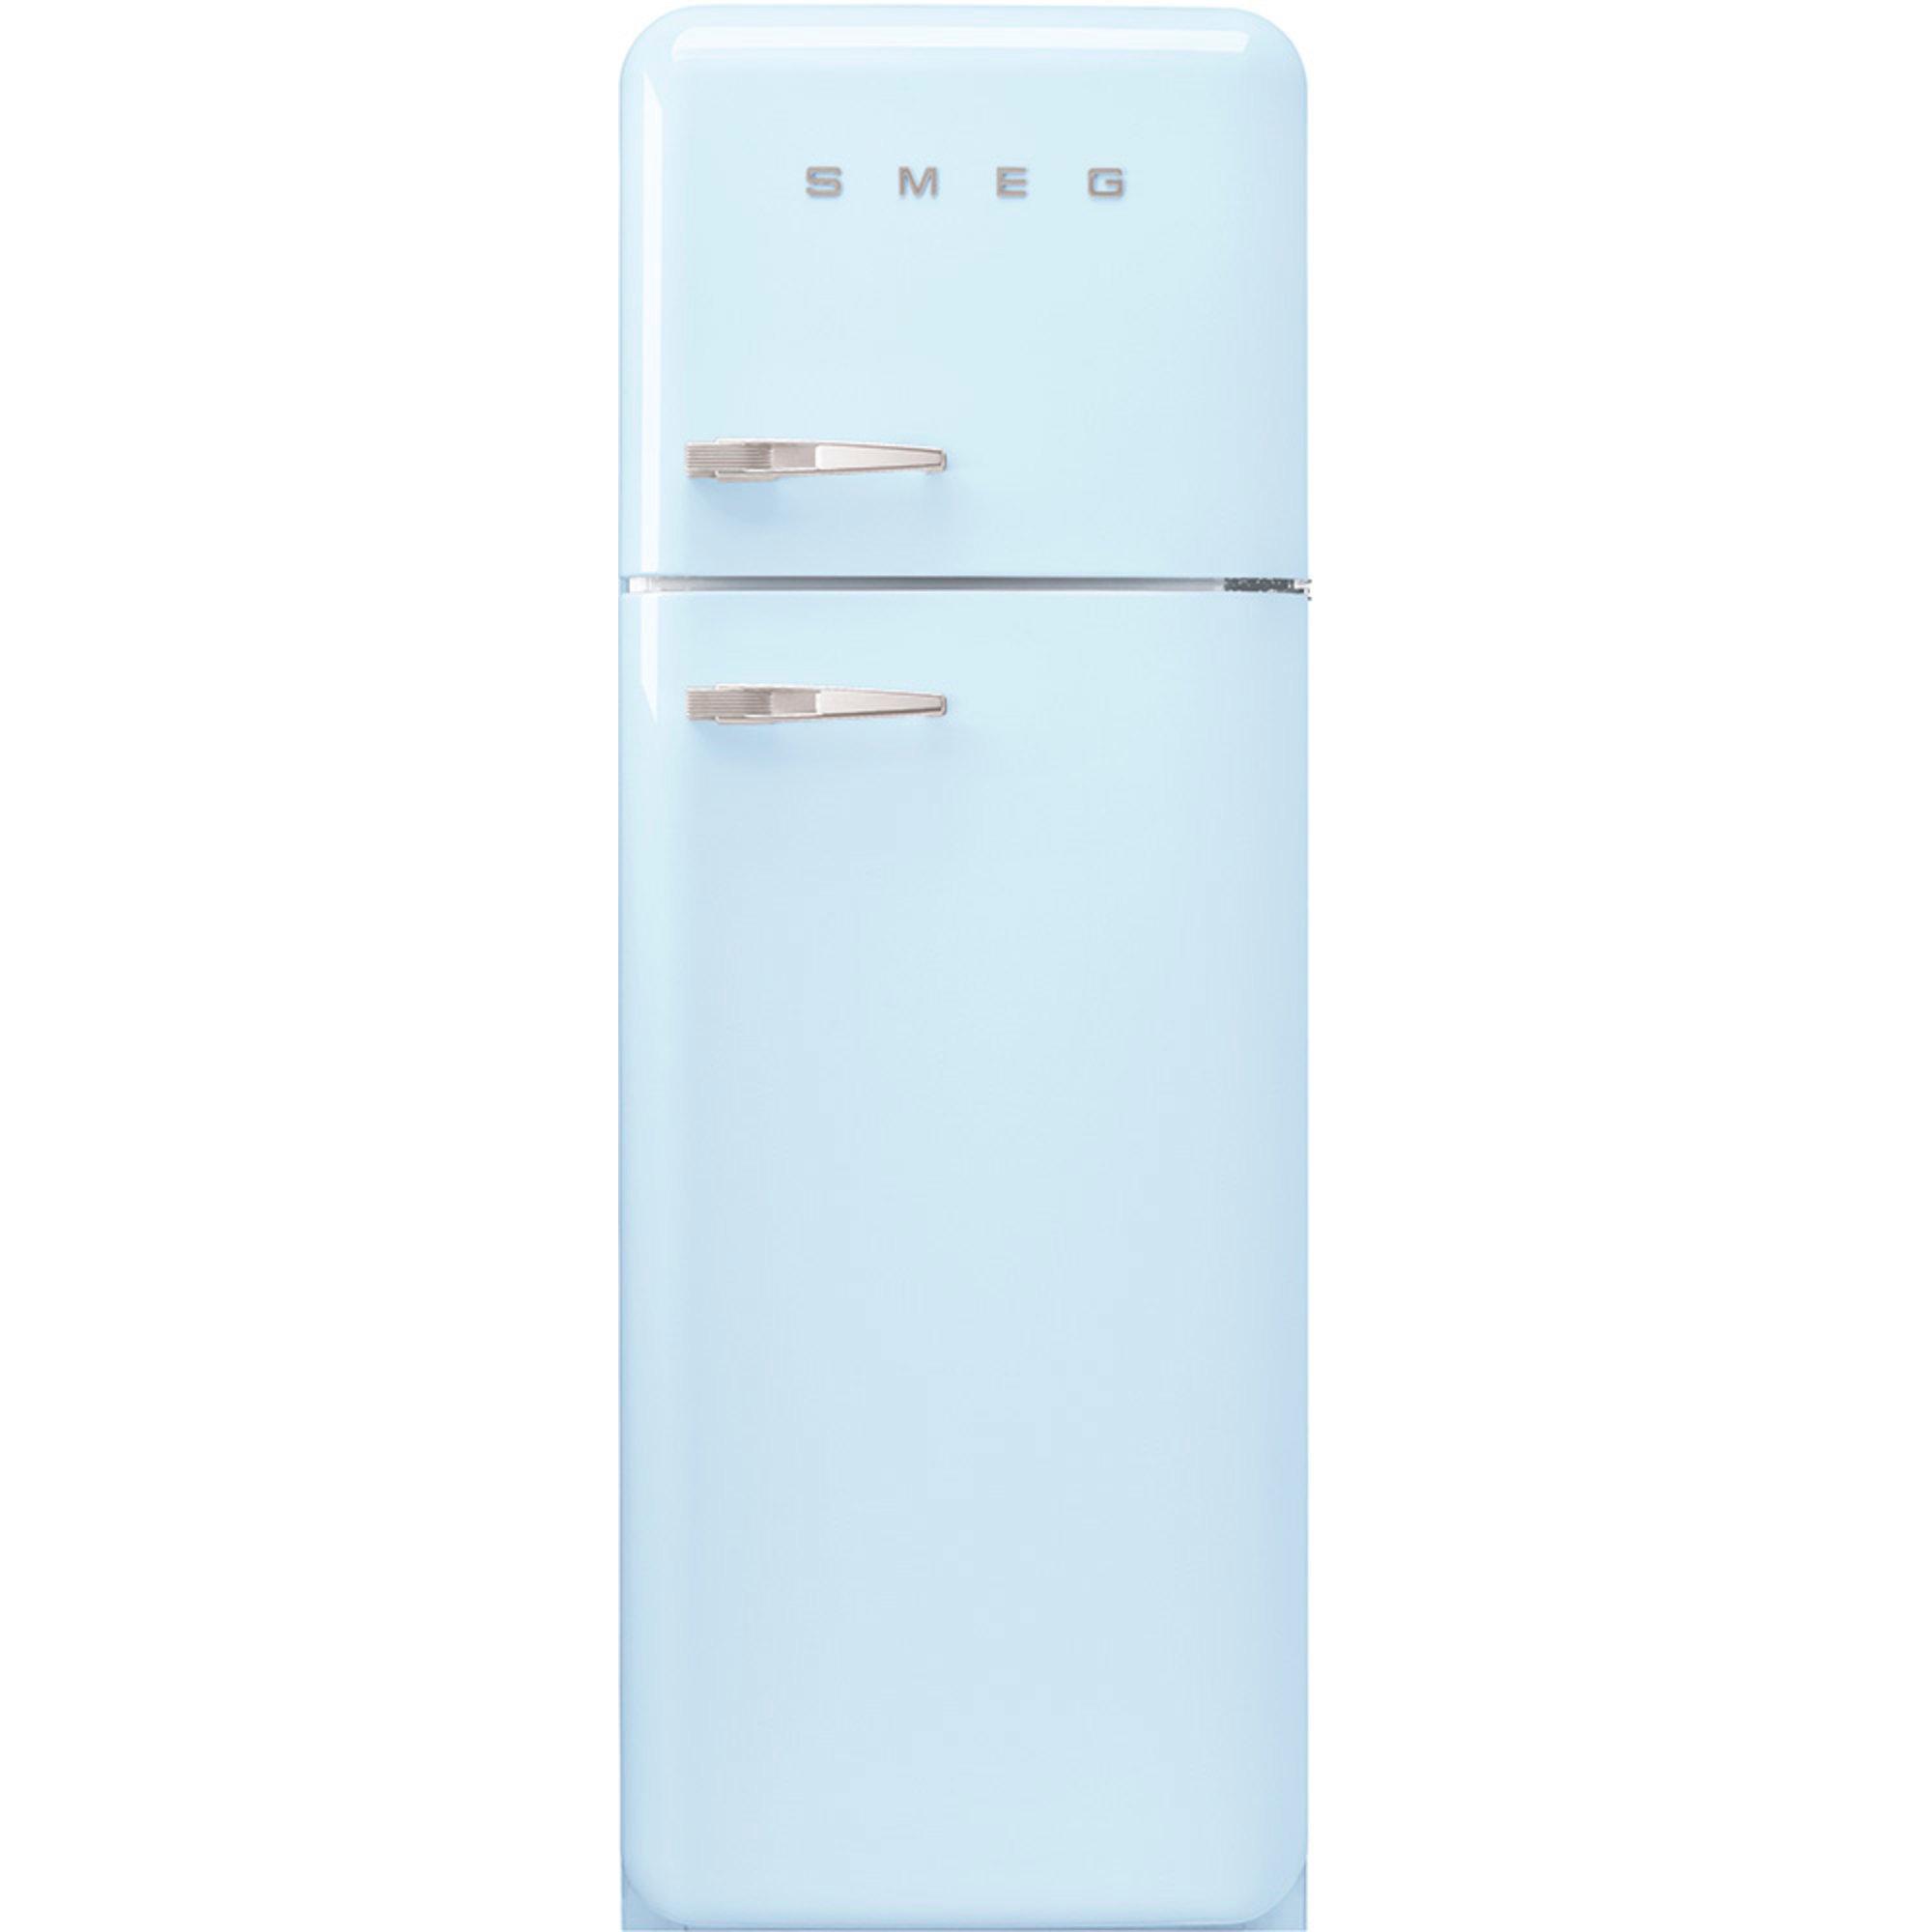 Smeg 172 cm Högerhängt kylskåp/frys i 50-tals Retro Design Pastellblå